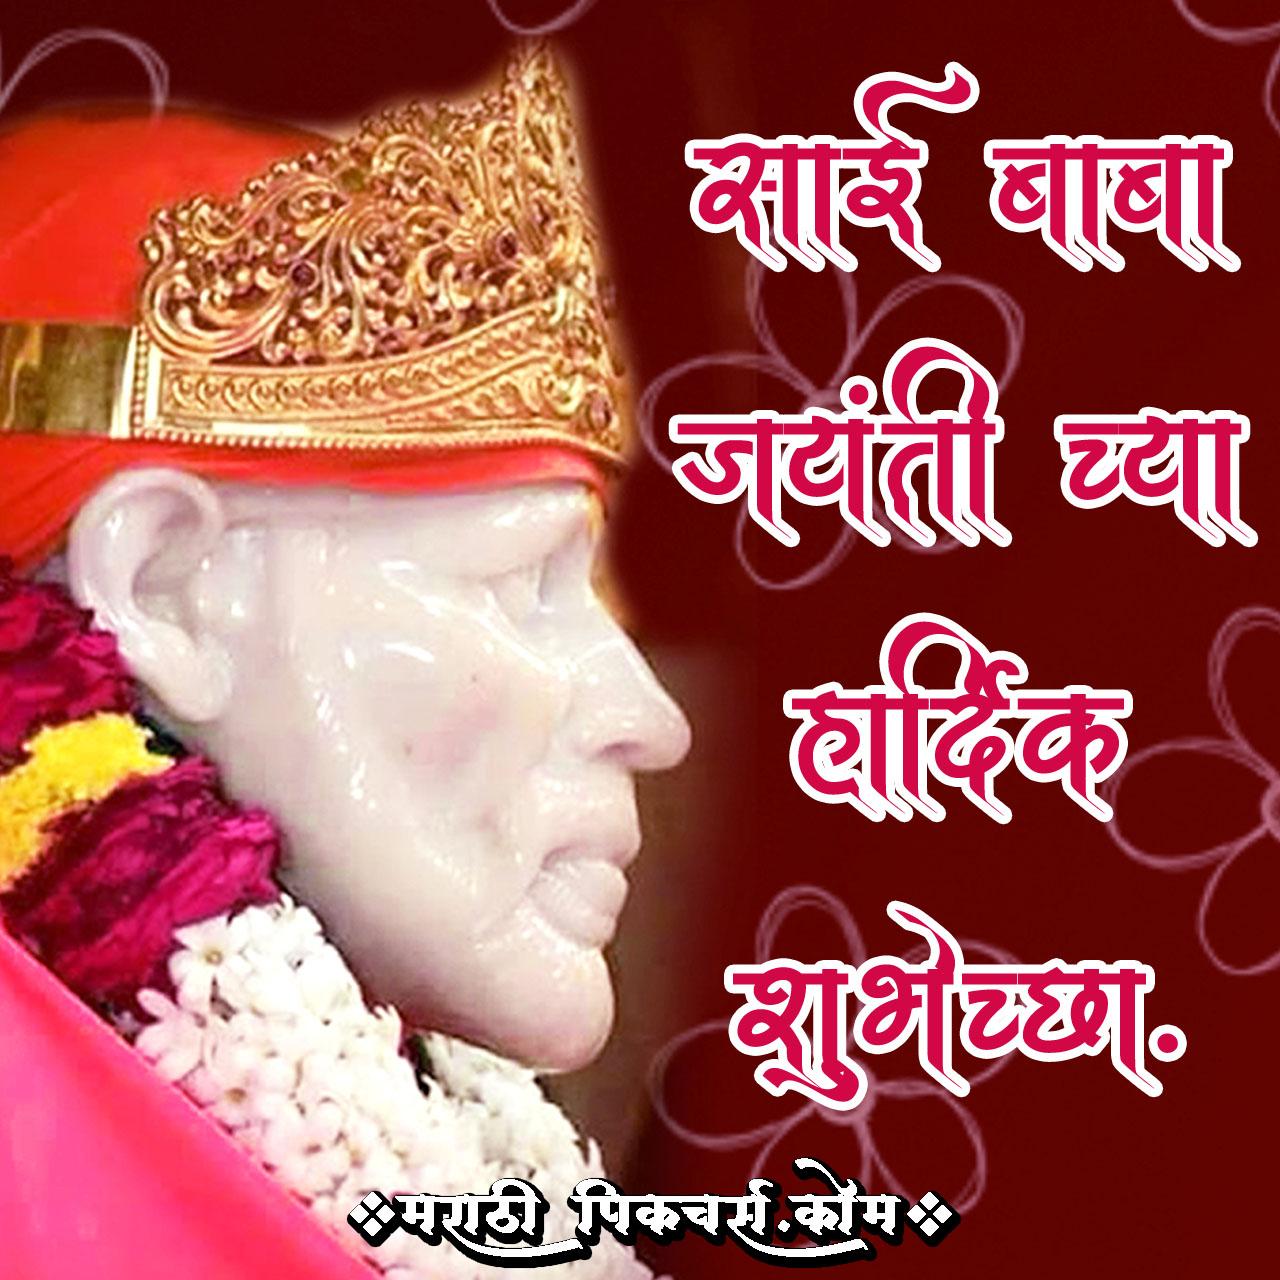 Sai Baba Jayanti Chya Hardik Shubhechha - Marathi Pictures ... Vadhdivas Chya Hardik Shubhechha